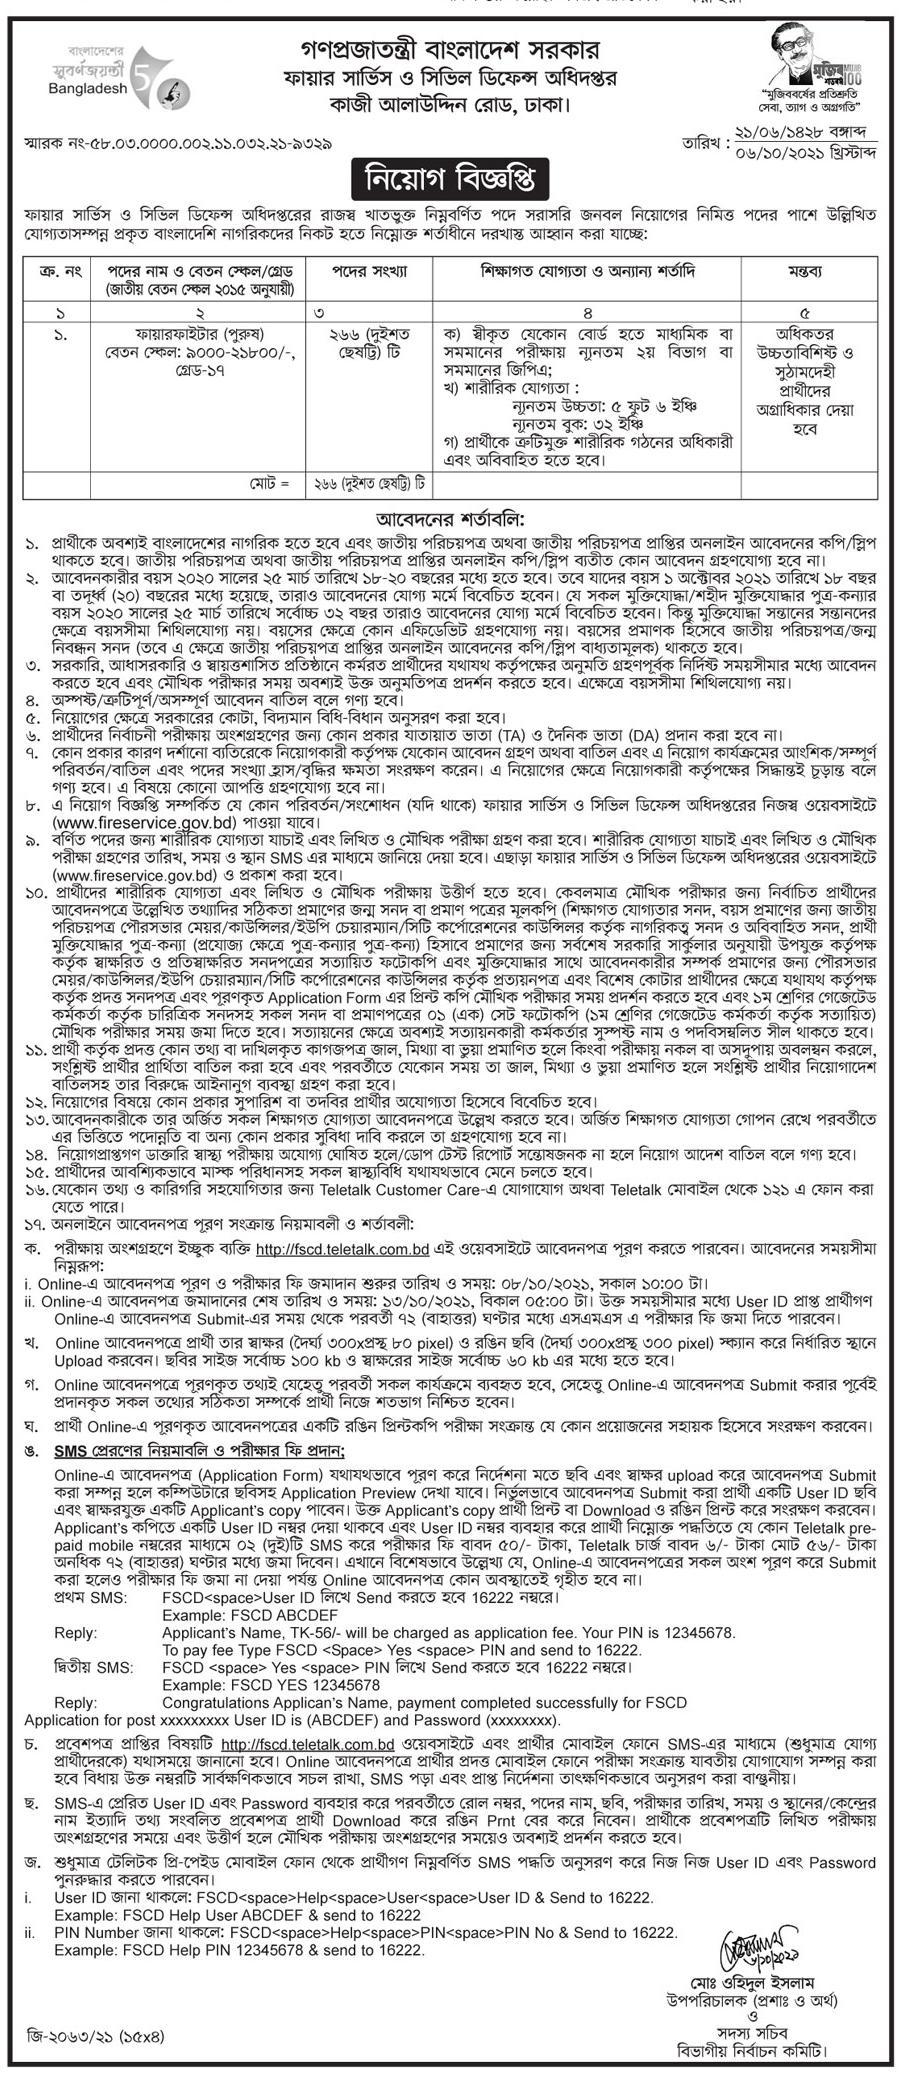 ফায়ার সার্ভিস ও সিভিল ডিফেন্স নিয়োগ বিজ্ঞপ্তি ২০২১ - Bangladesh Fire Service Job Circular 2021 - ফায়ার সার্ভিস ও সিভিল ডিফেন্স নিয়োগ বিজ্ঞপ্তি ২০২২ - Bangladesh Fire Service Job Circular 2022 - সরকারির চাকরির খবর ২০২২